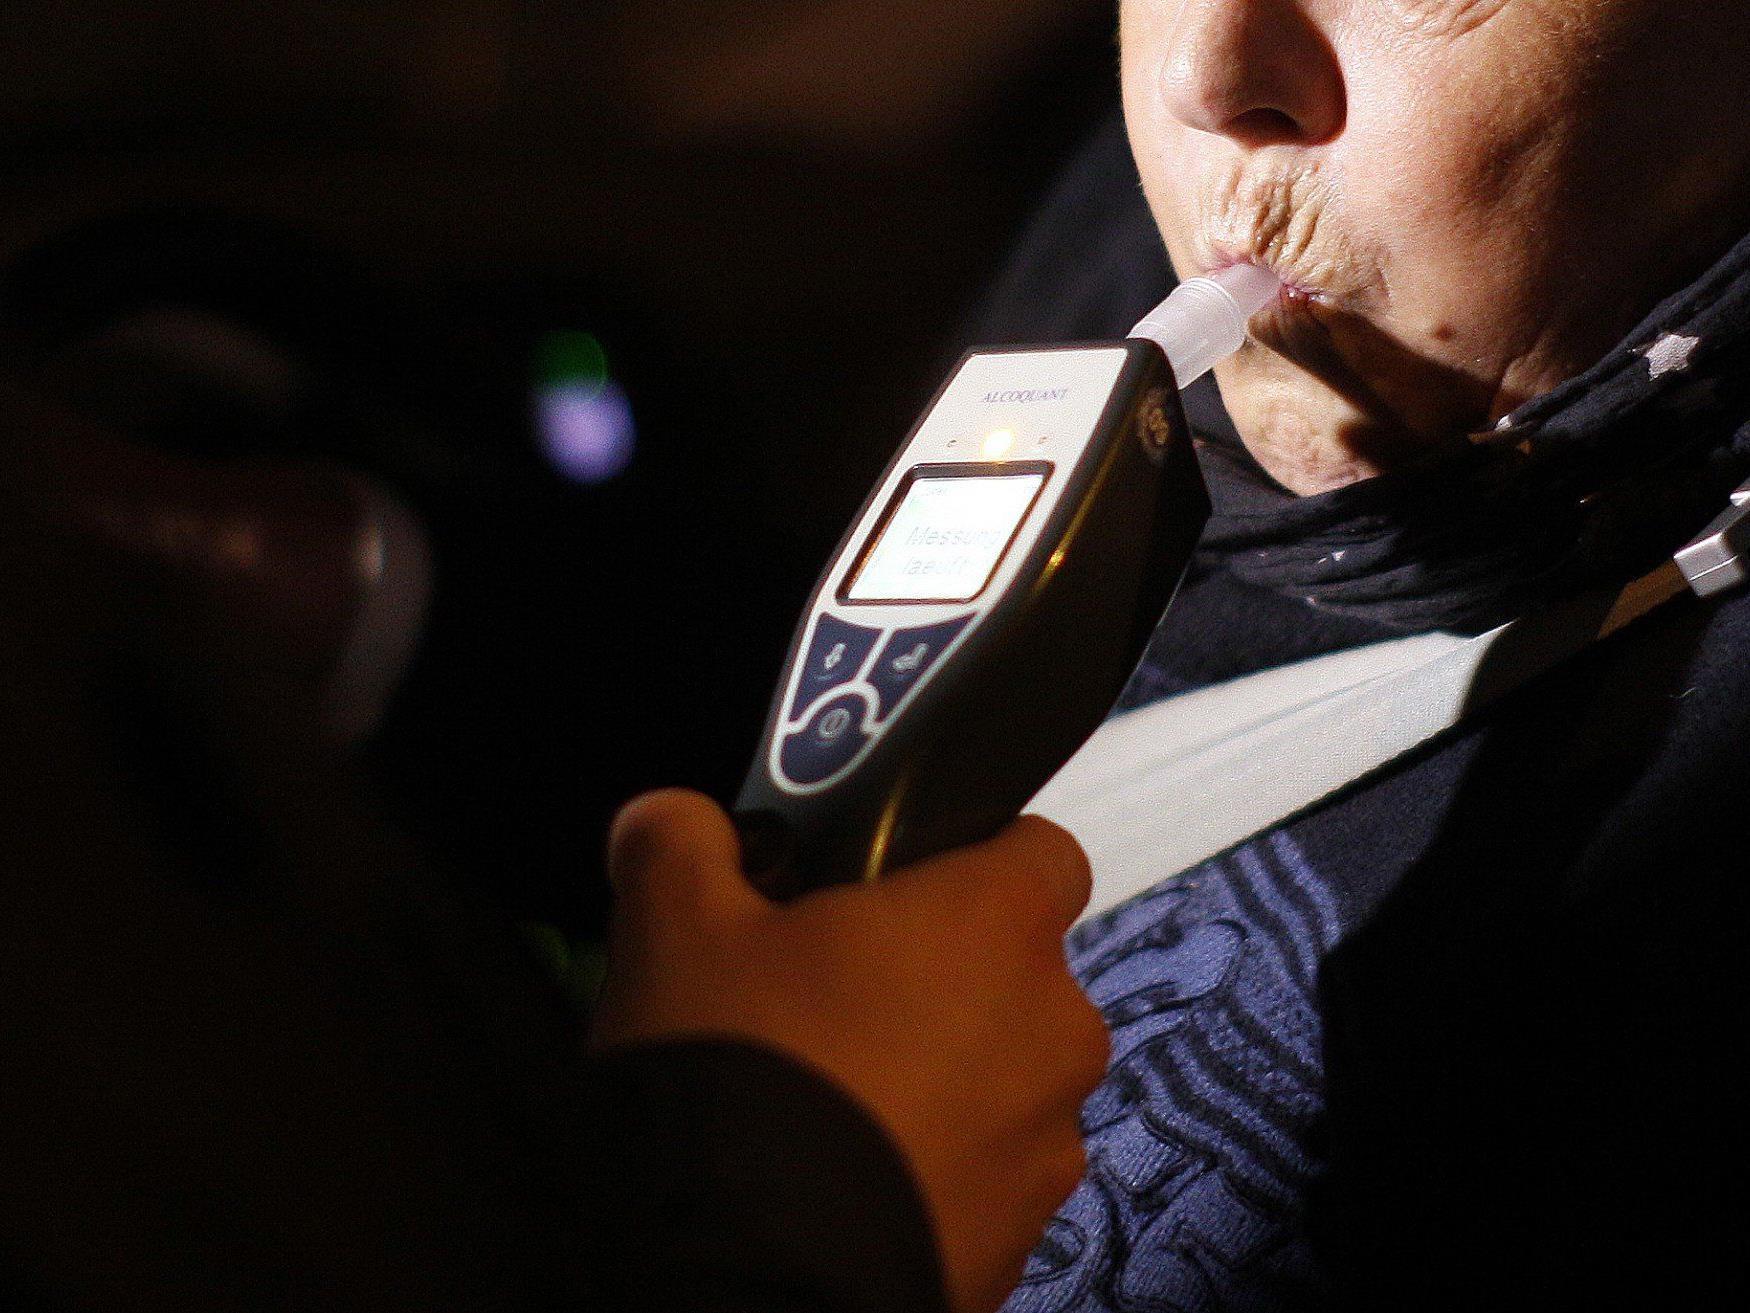 81-Jähriger war betrunken mit dem Auto unterwegs.